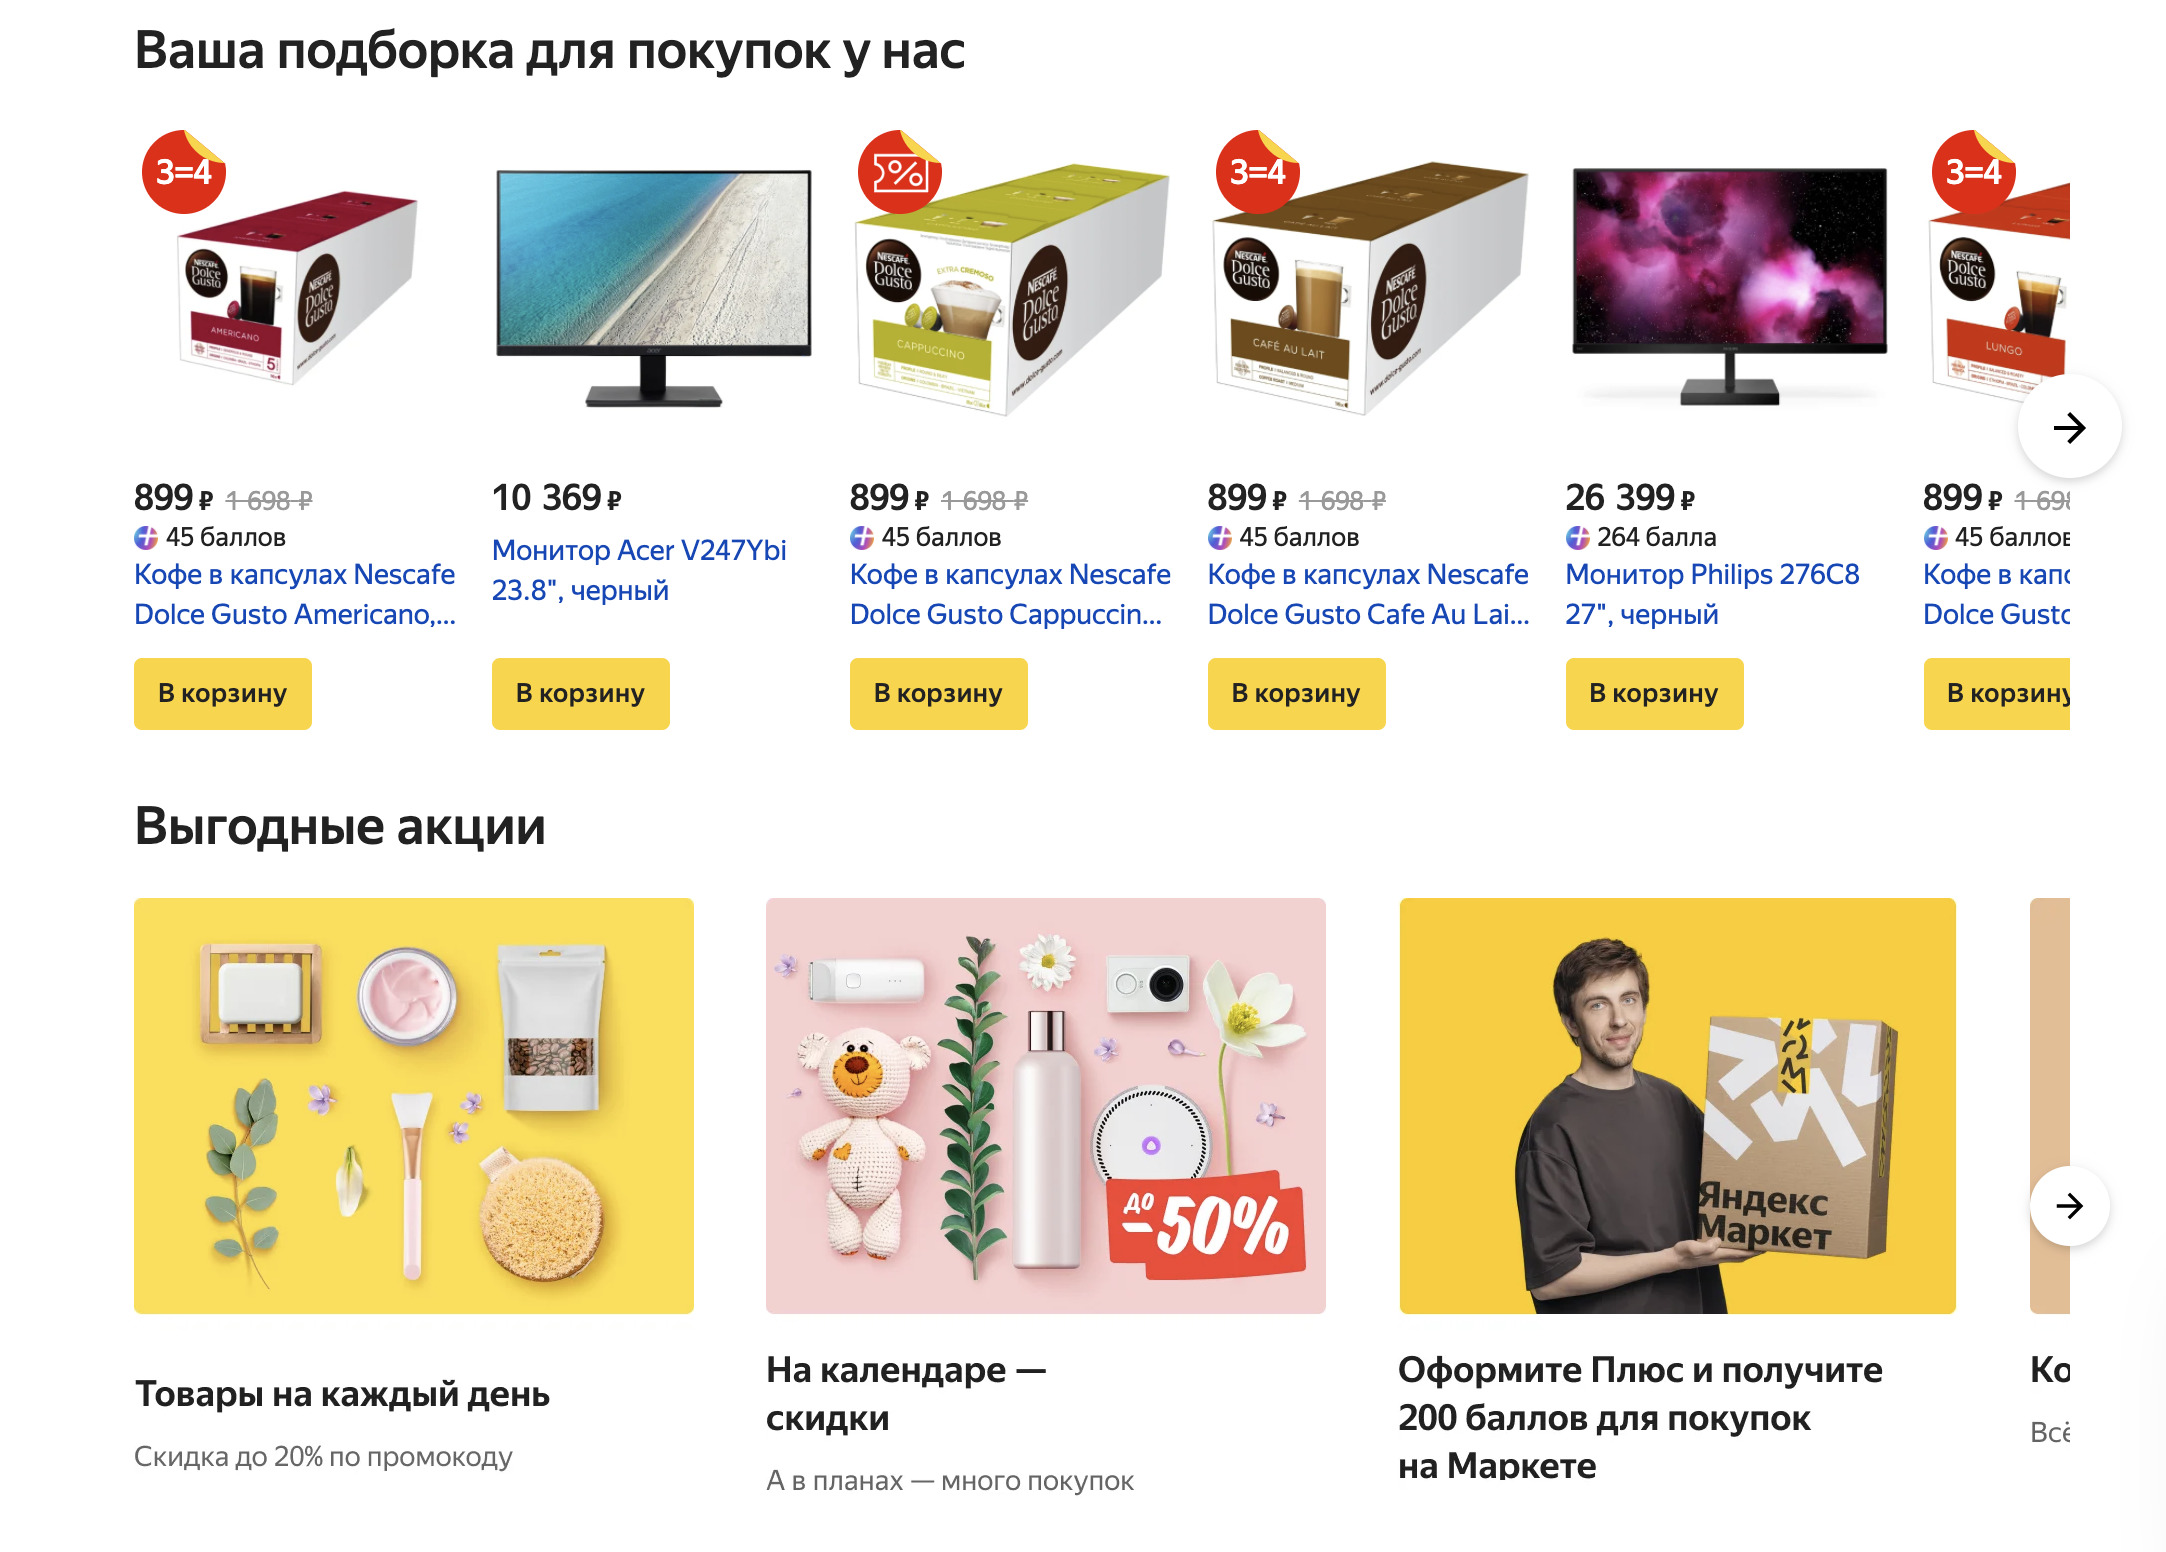 Доставка из Яндекс.Маркет в Магадан, сроки, пункты выдачи, каталог